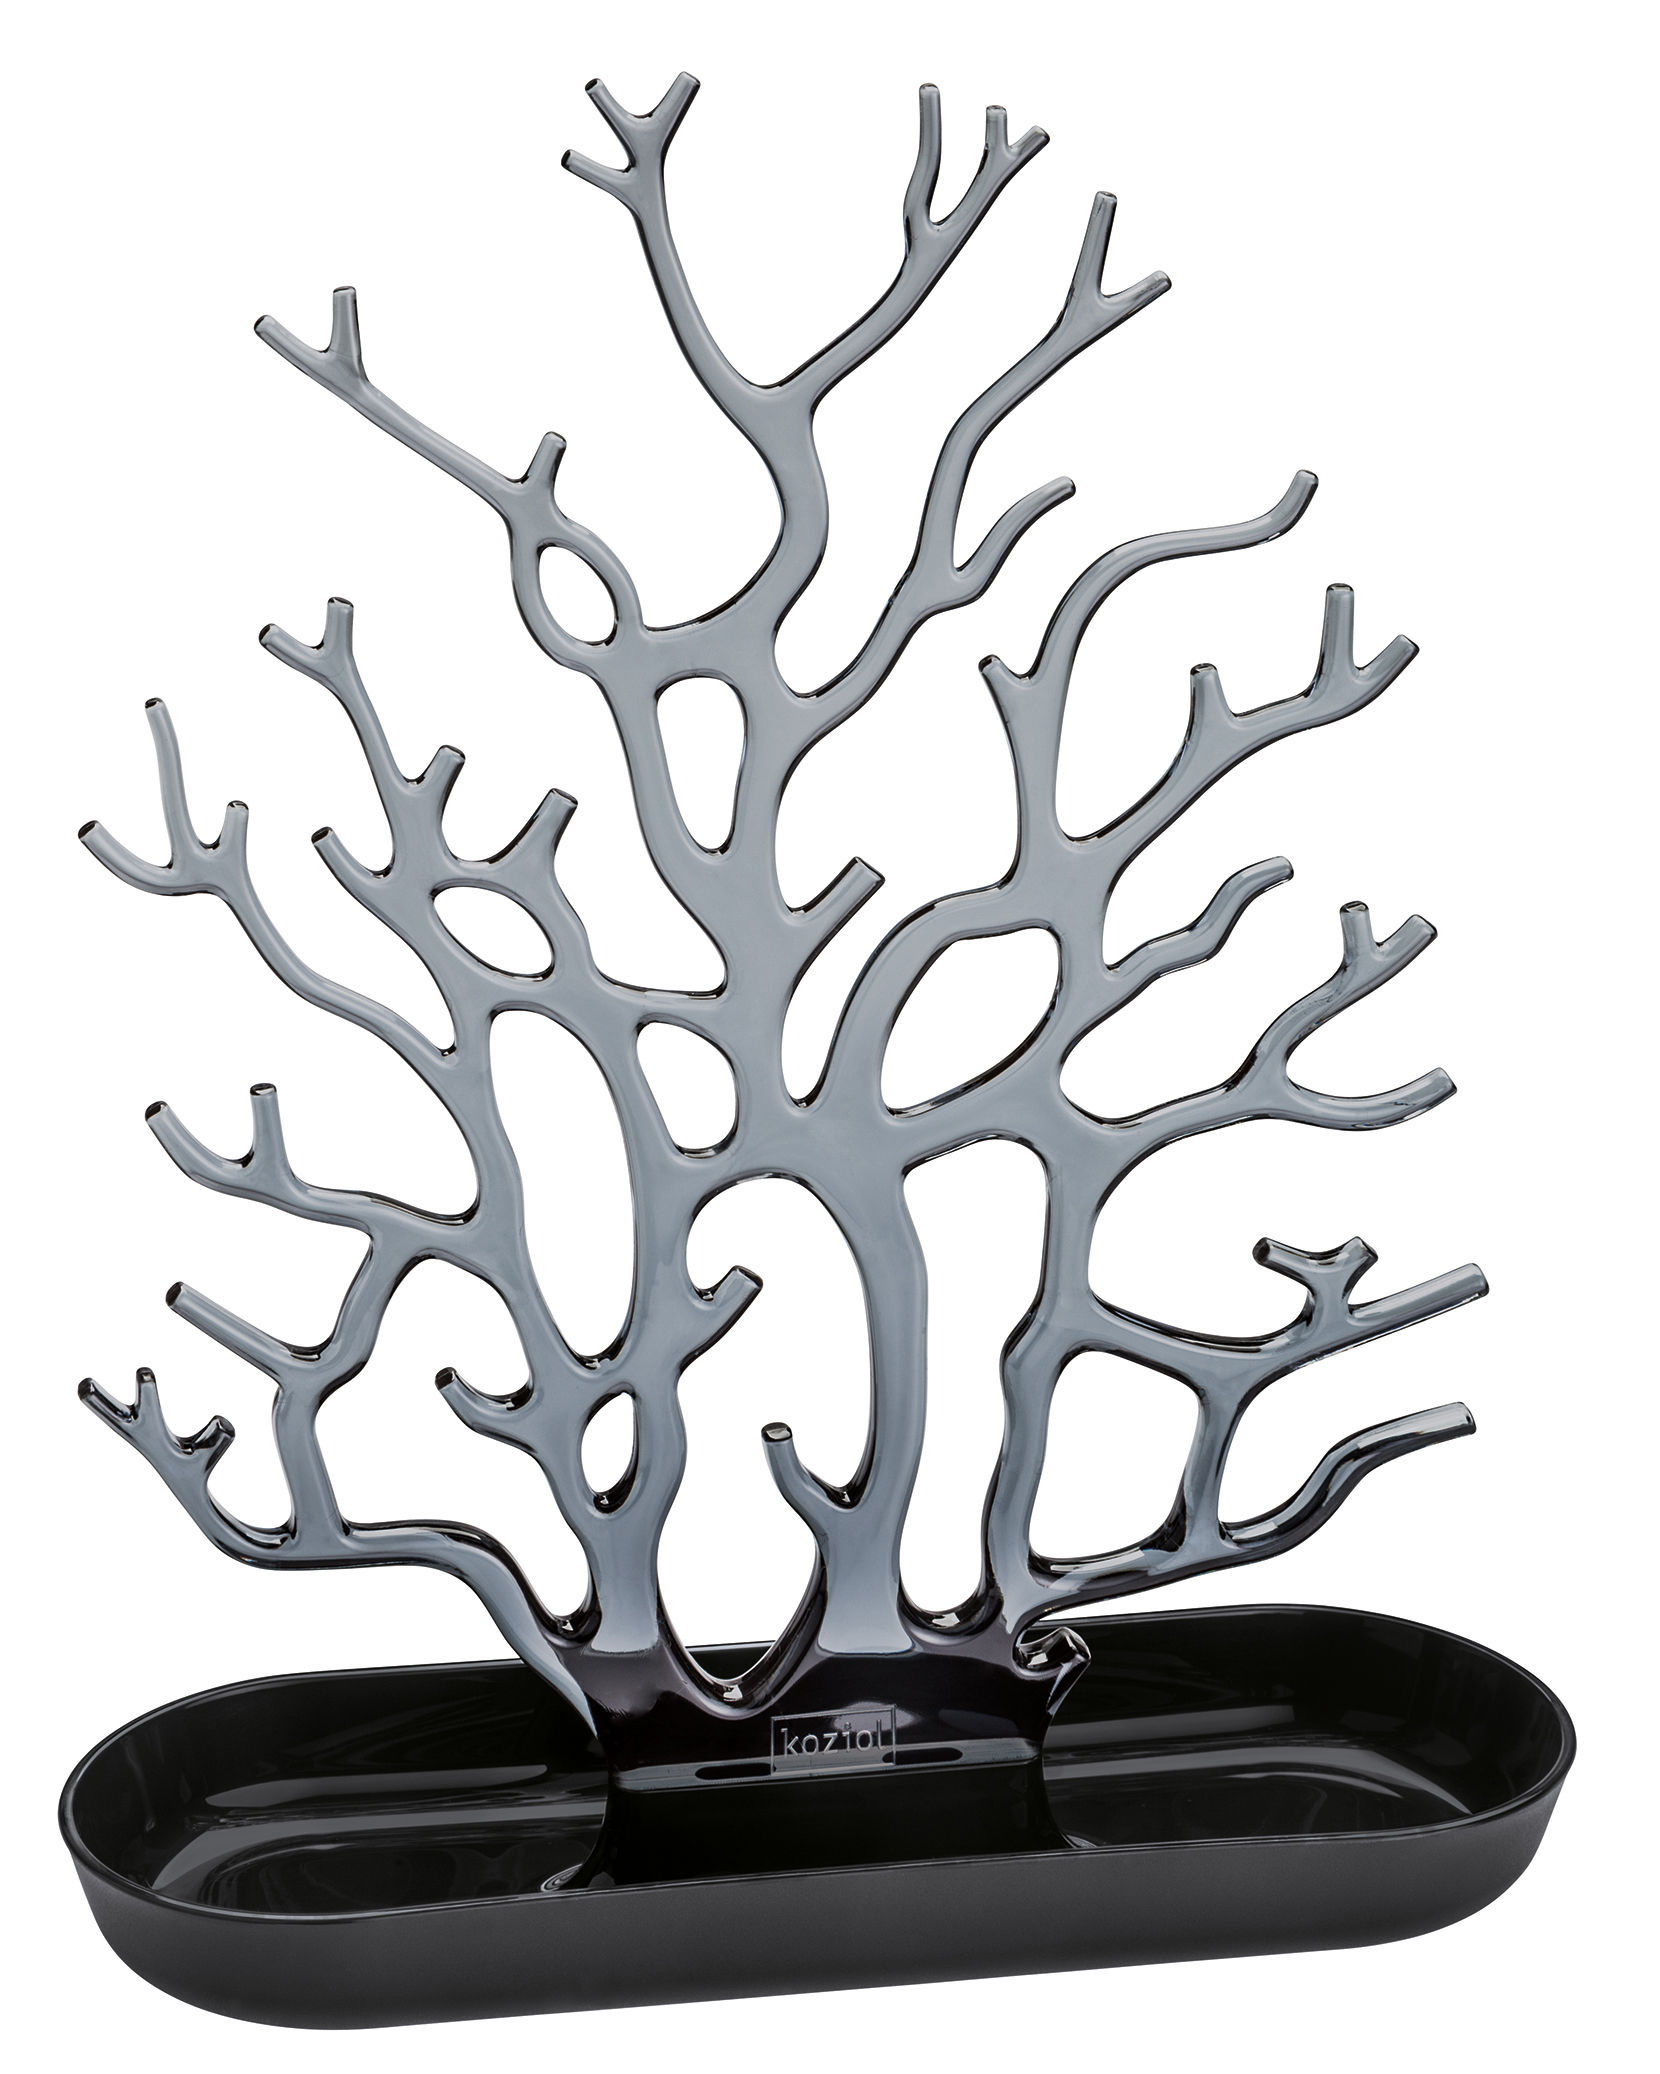 Accessori moda - Gioielli - Portagioie Cora - - H 32 cm di Koziol - Nero opaco / Antracite trasparente - Polipropilene